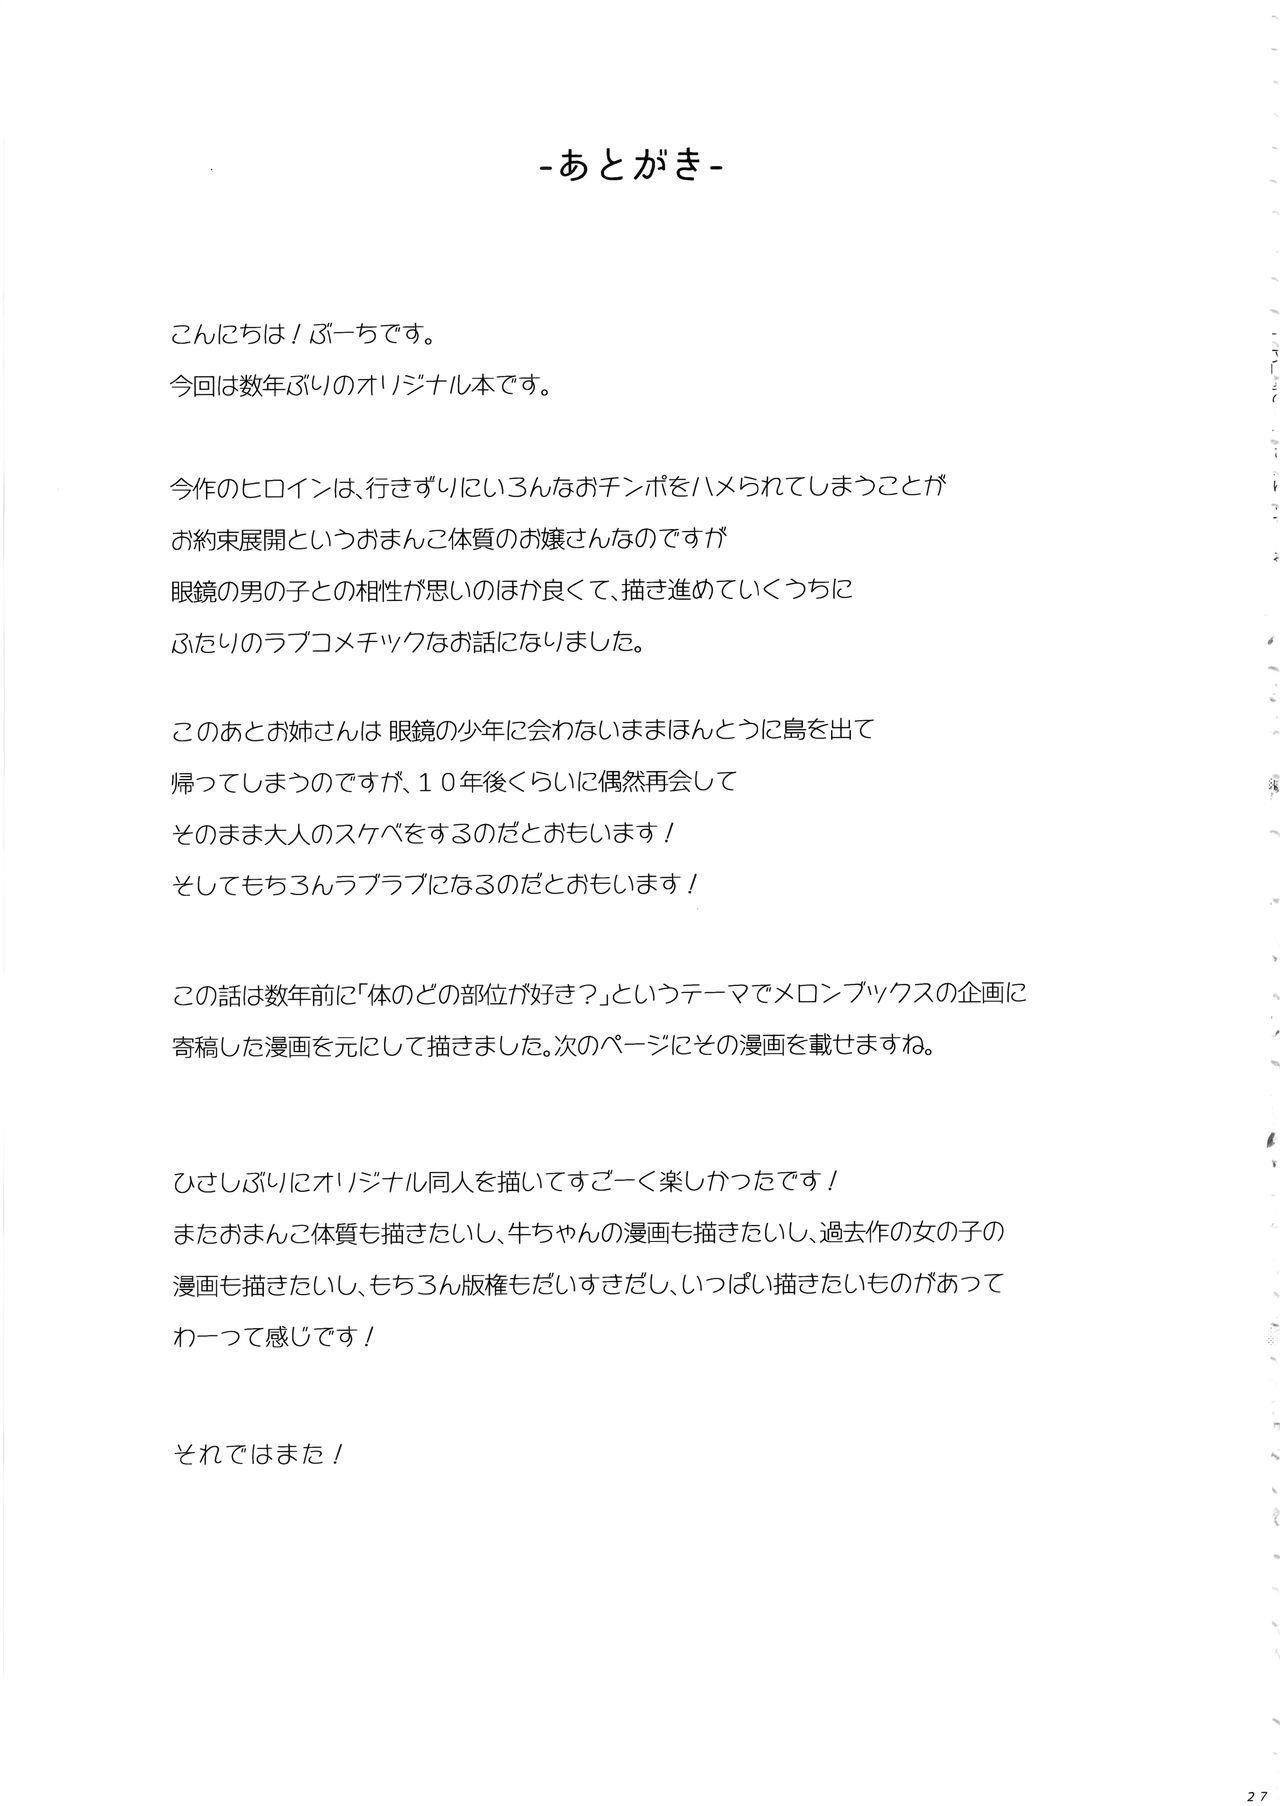 Natsu no Ojousan ga Yukizuri Omanko shitekureru 24